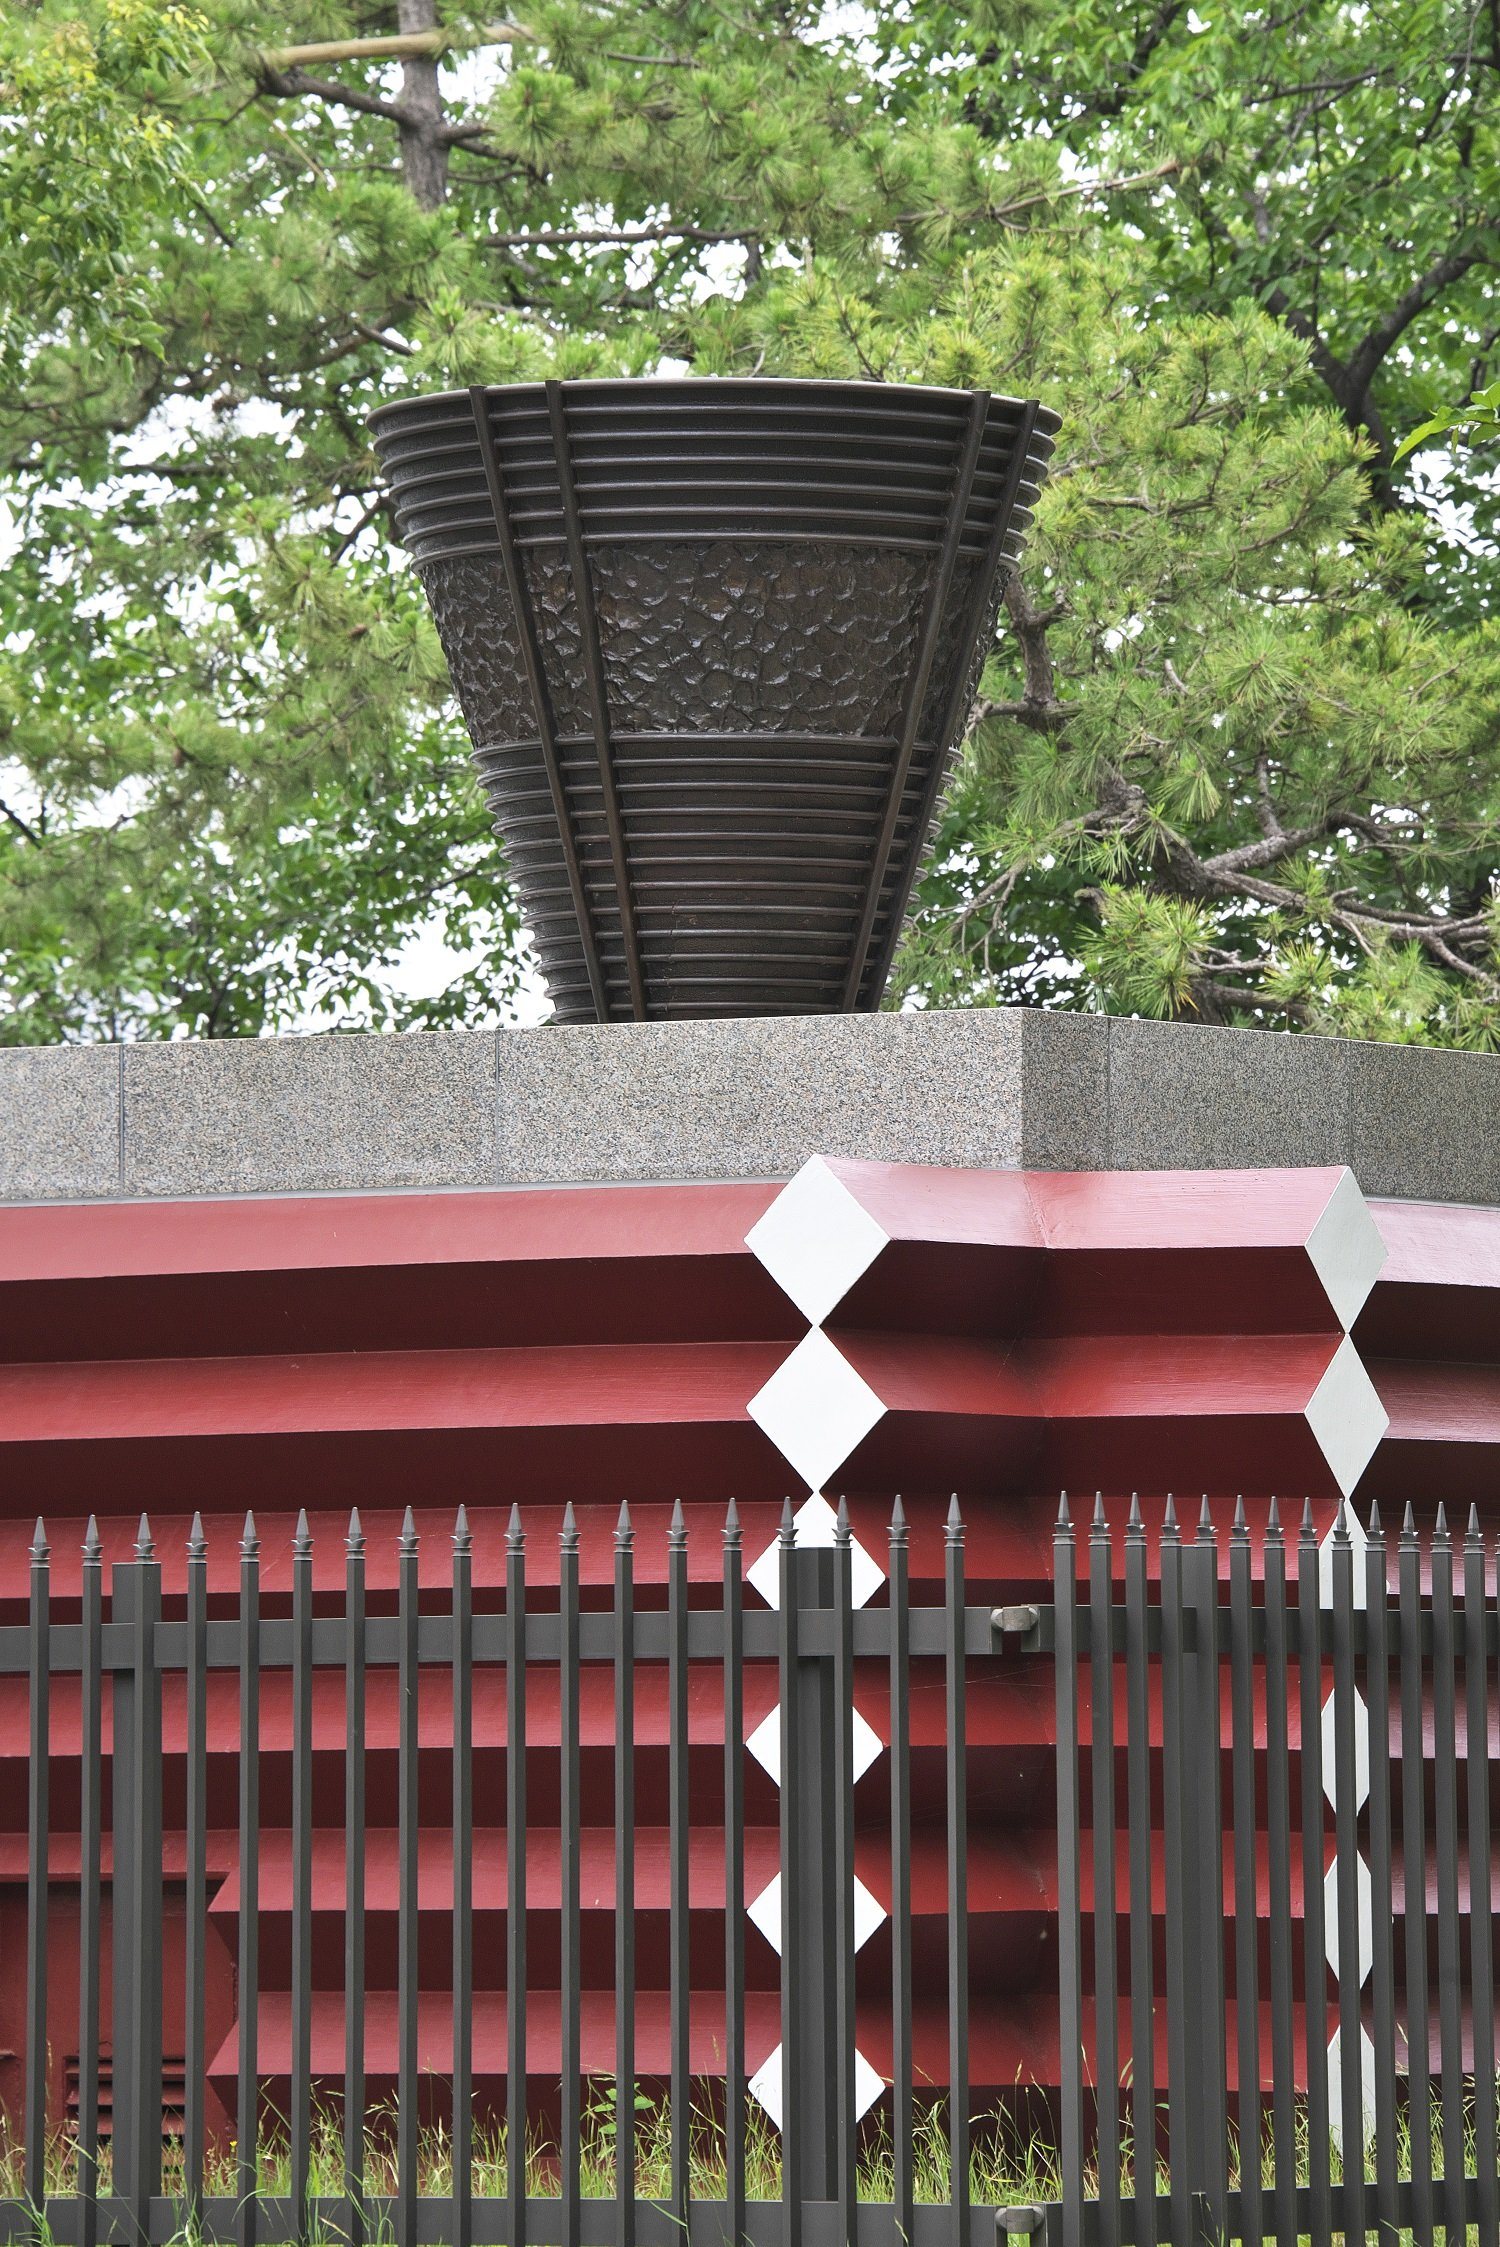 戸田公園には1964年開催中に点火し続けた聖火台が現存。燃料は液化プロパンガス。